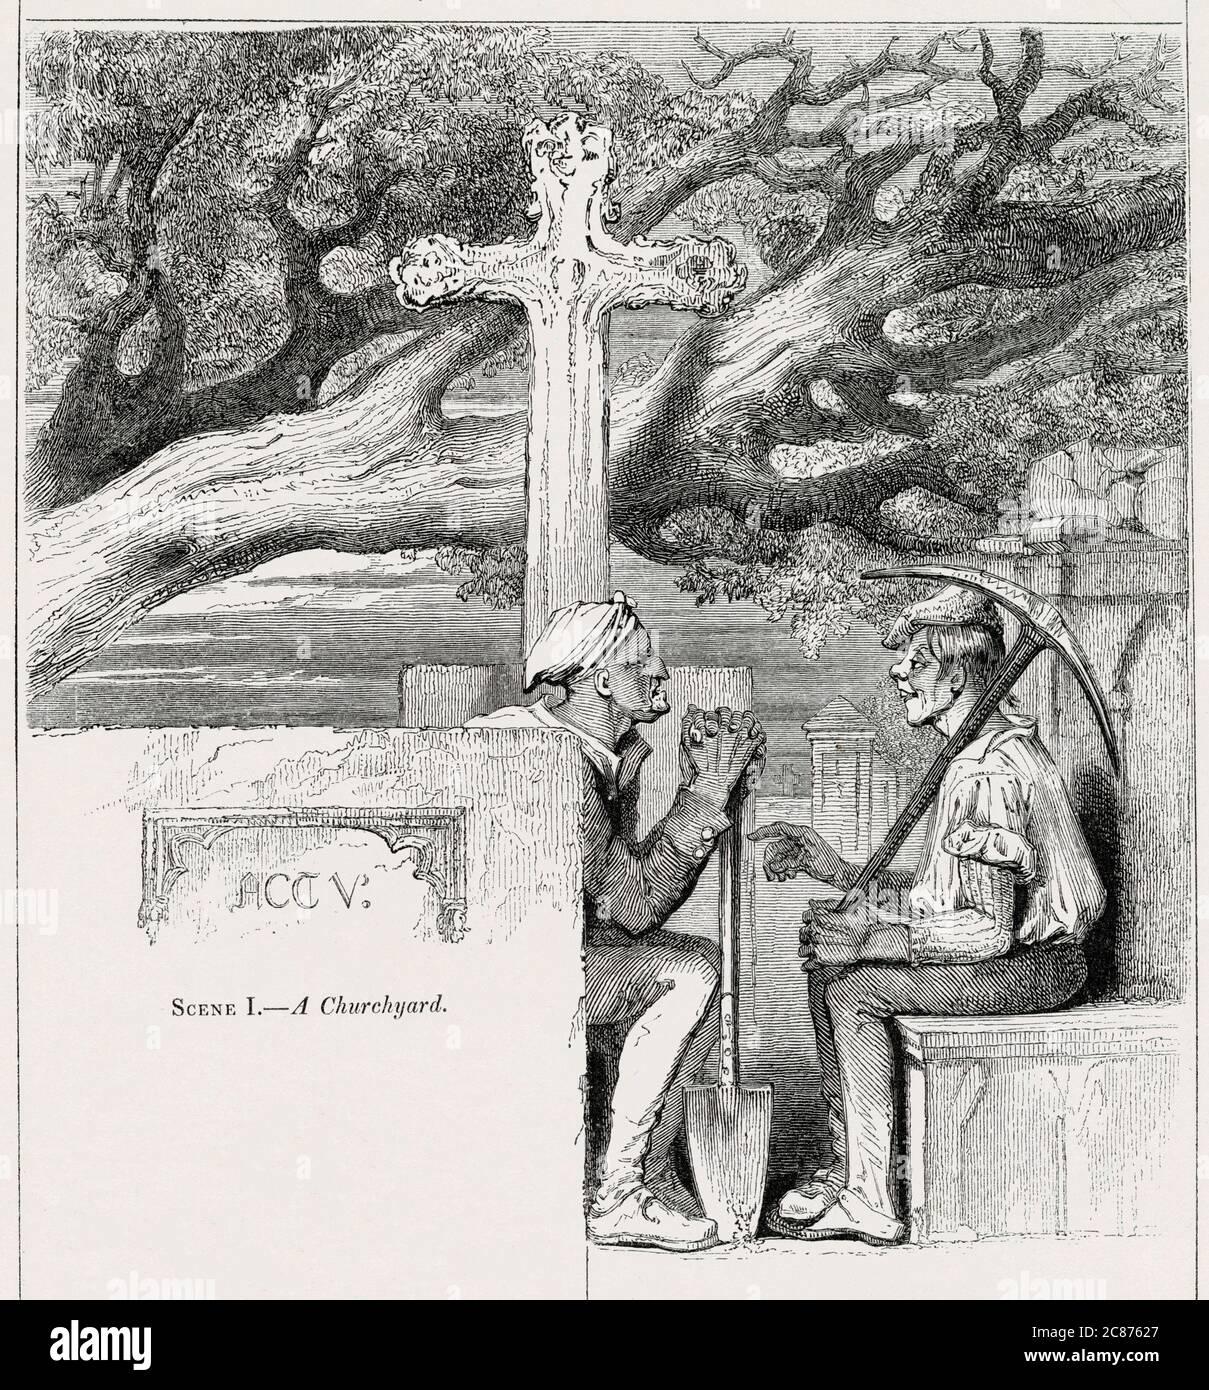 Illustration de Kenny Meadows à Hamlet, Prince du Danemark, par William Shakespeare. Deux gravediggers dans le chantier de la choucerie, prenant une pause de creuser la tombe d'Ophelia. Date: 1840 Banque D'Images